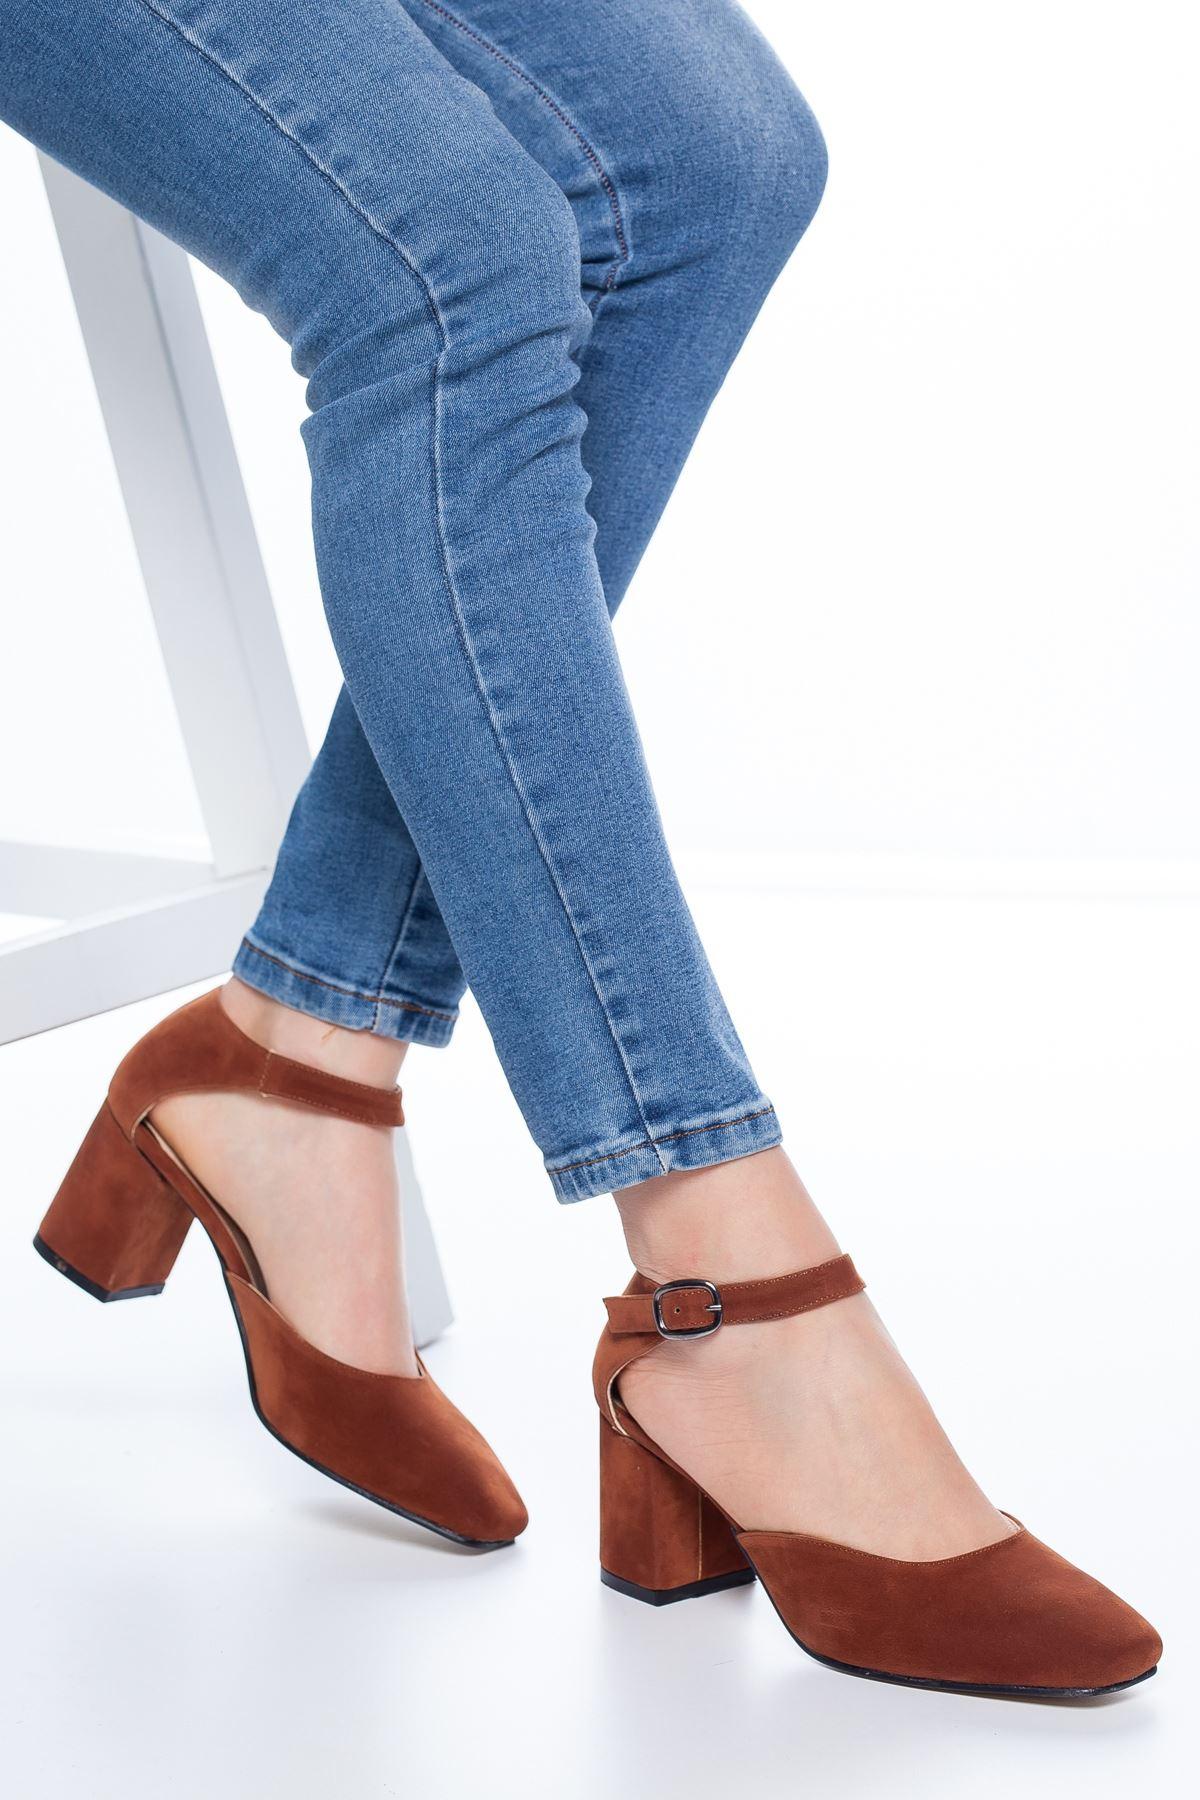 Dores Küt Burun Süet Topuklu Ayakkabı Taba